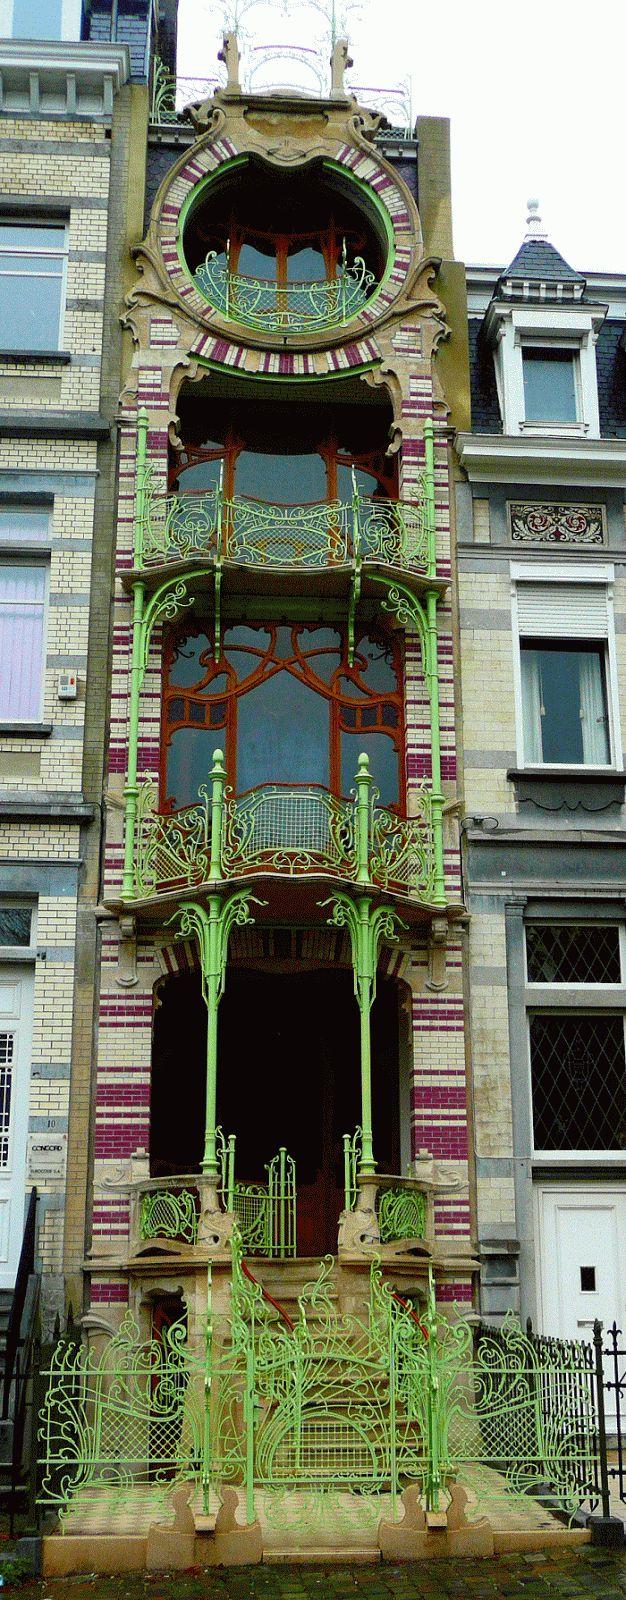 Magical Art Nouveau.: Maison Saint-Cyr. Click for more pix. Hector Guimard's Art Nouveau Café Antoine, 17 rue La Fontaine, Paris XVIe